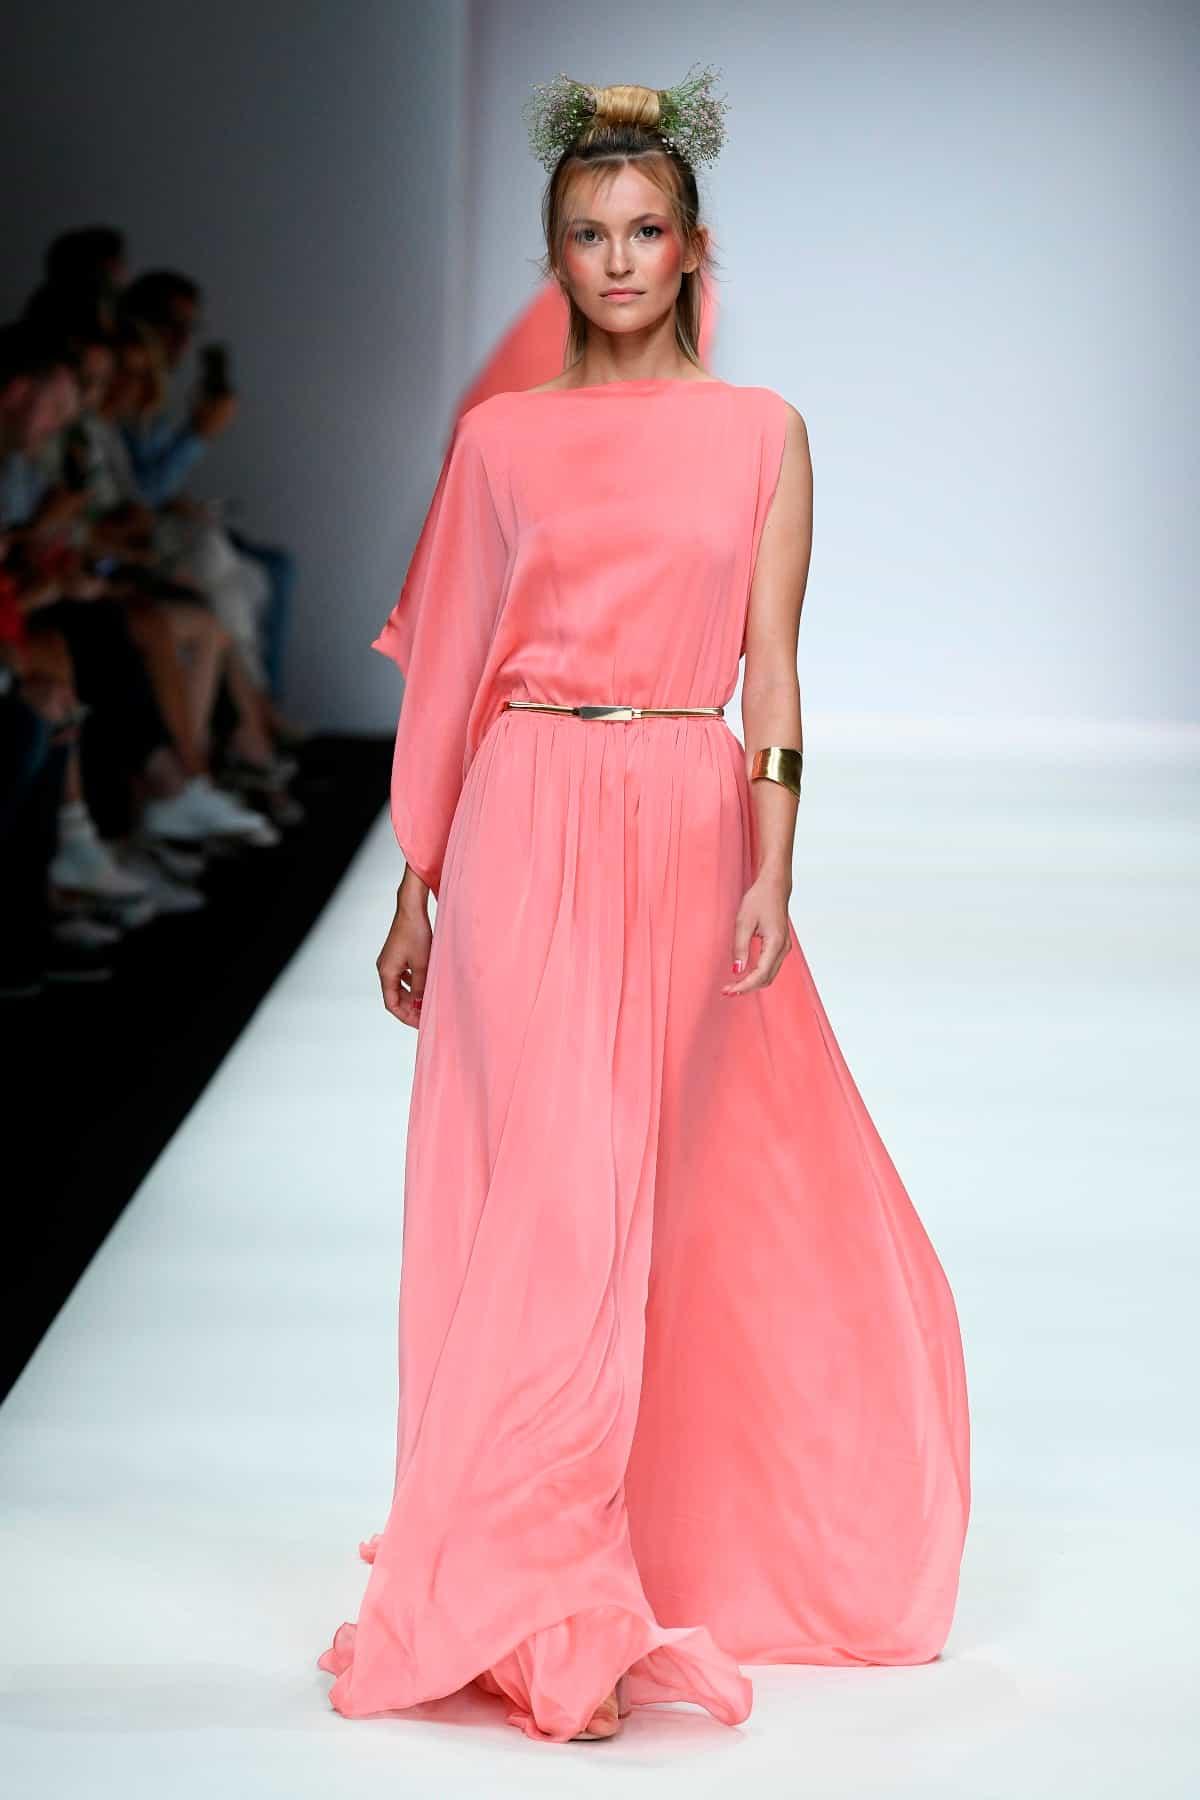 Sommermode 2020 von Lana Mueller zur MBFW auf der Fashion Week Berlin Juli 2019 - 3